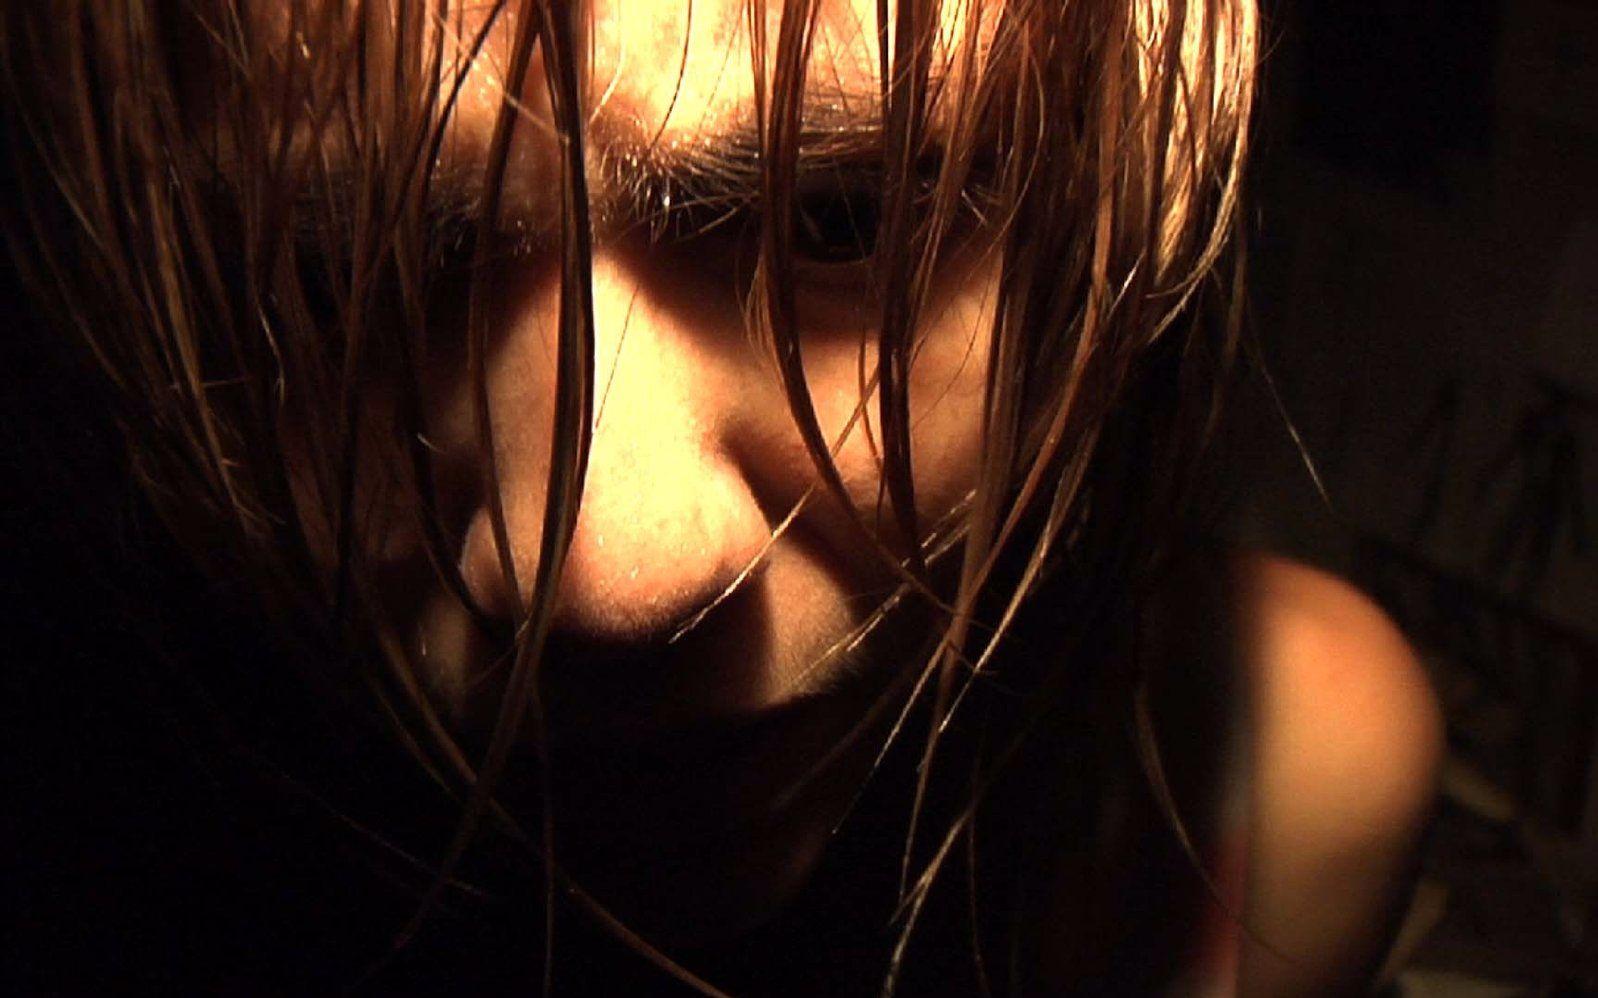 《死亡录像3:起源》在线观看-西班牙电影-恐怖片-星空电影网